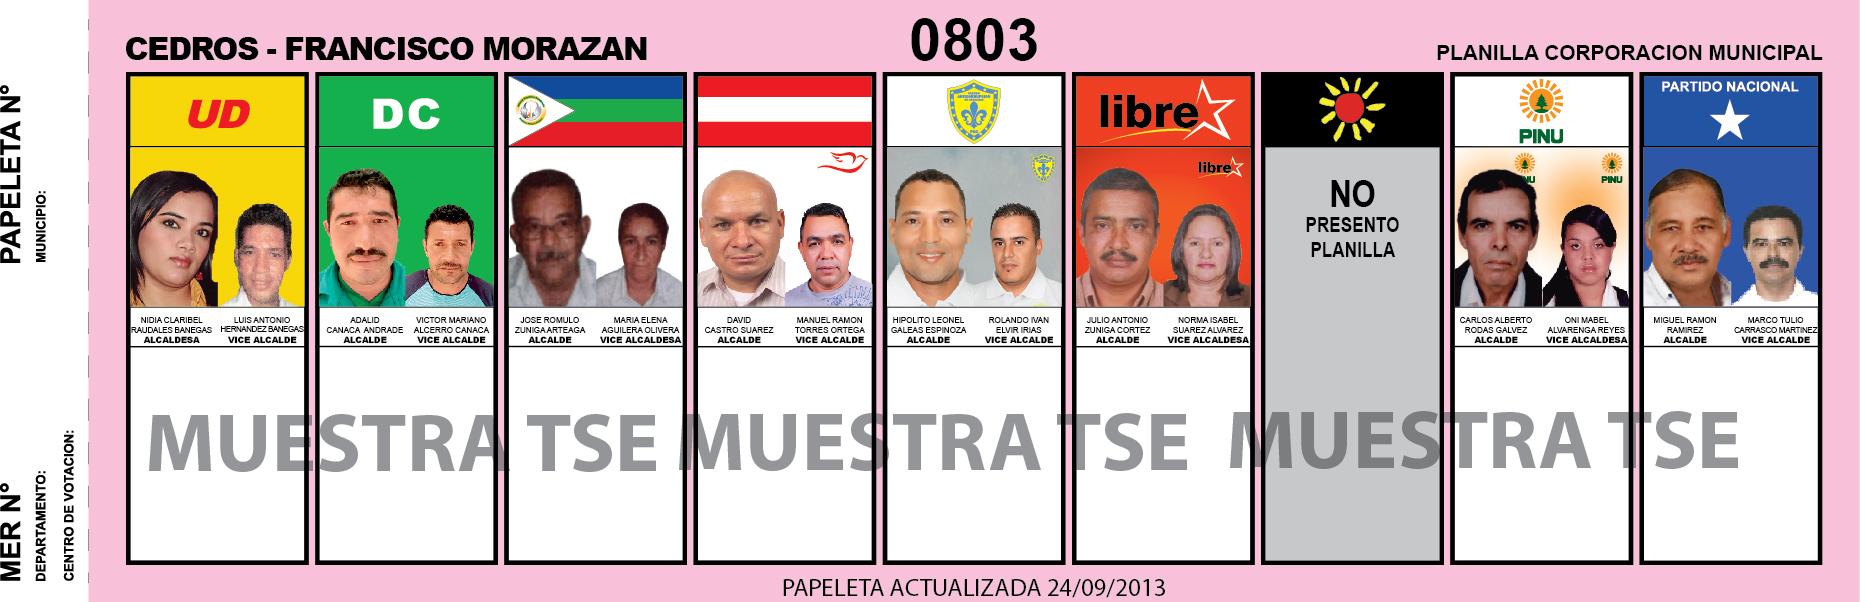 CANDIDATOS 2013 MUNICIPIO CEDROS - FRANCISCO MORAZAN - HONDURAS